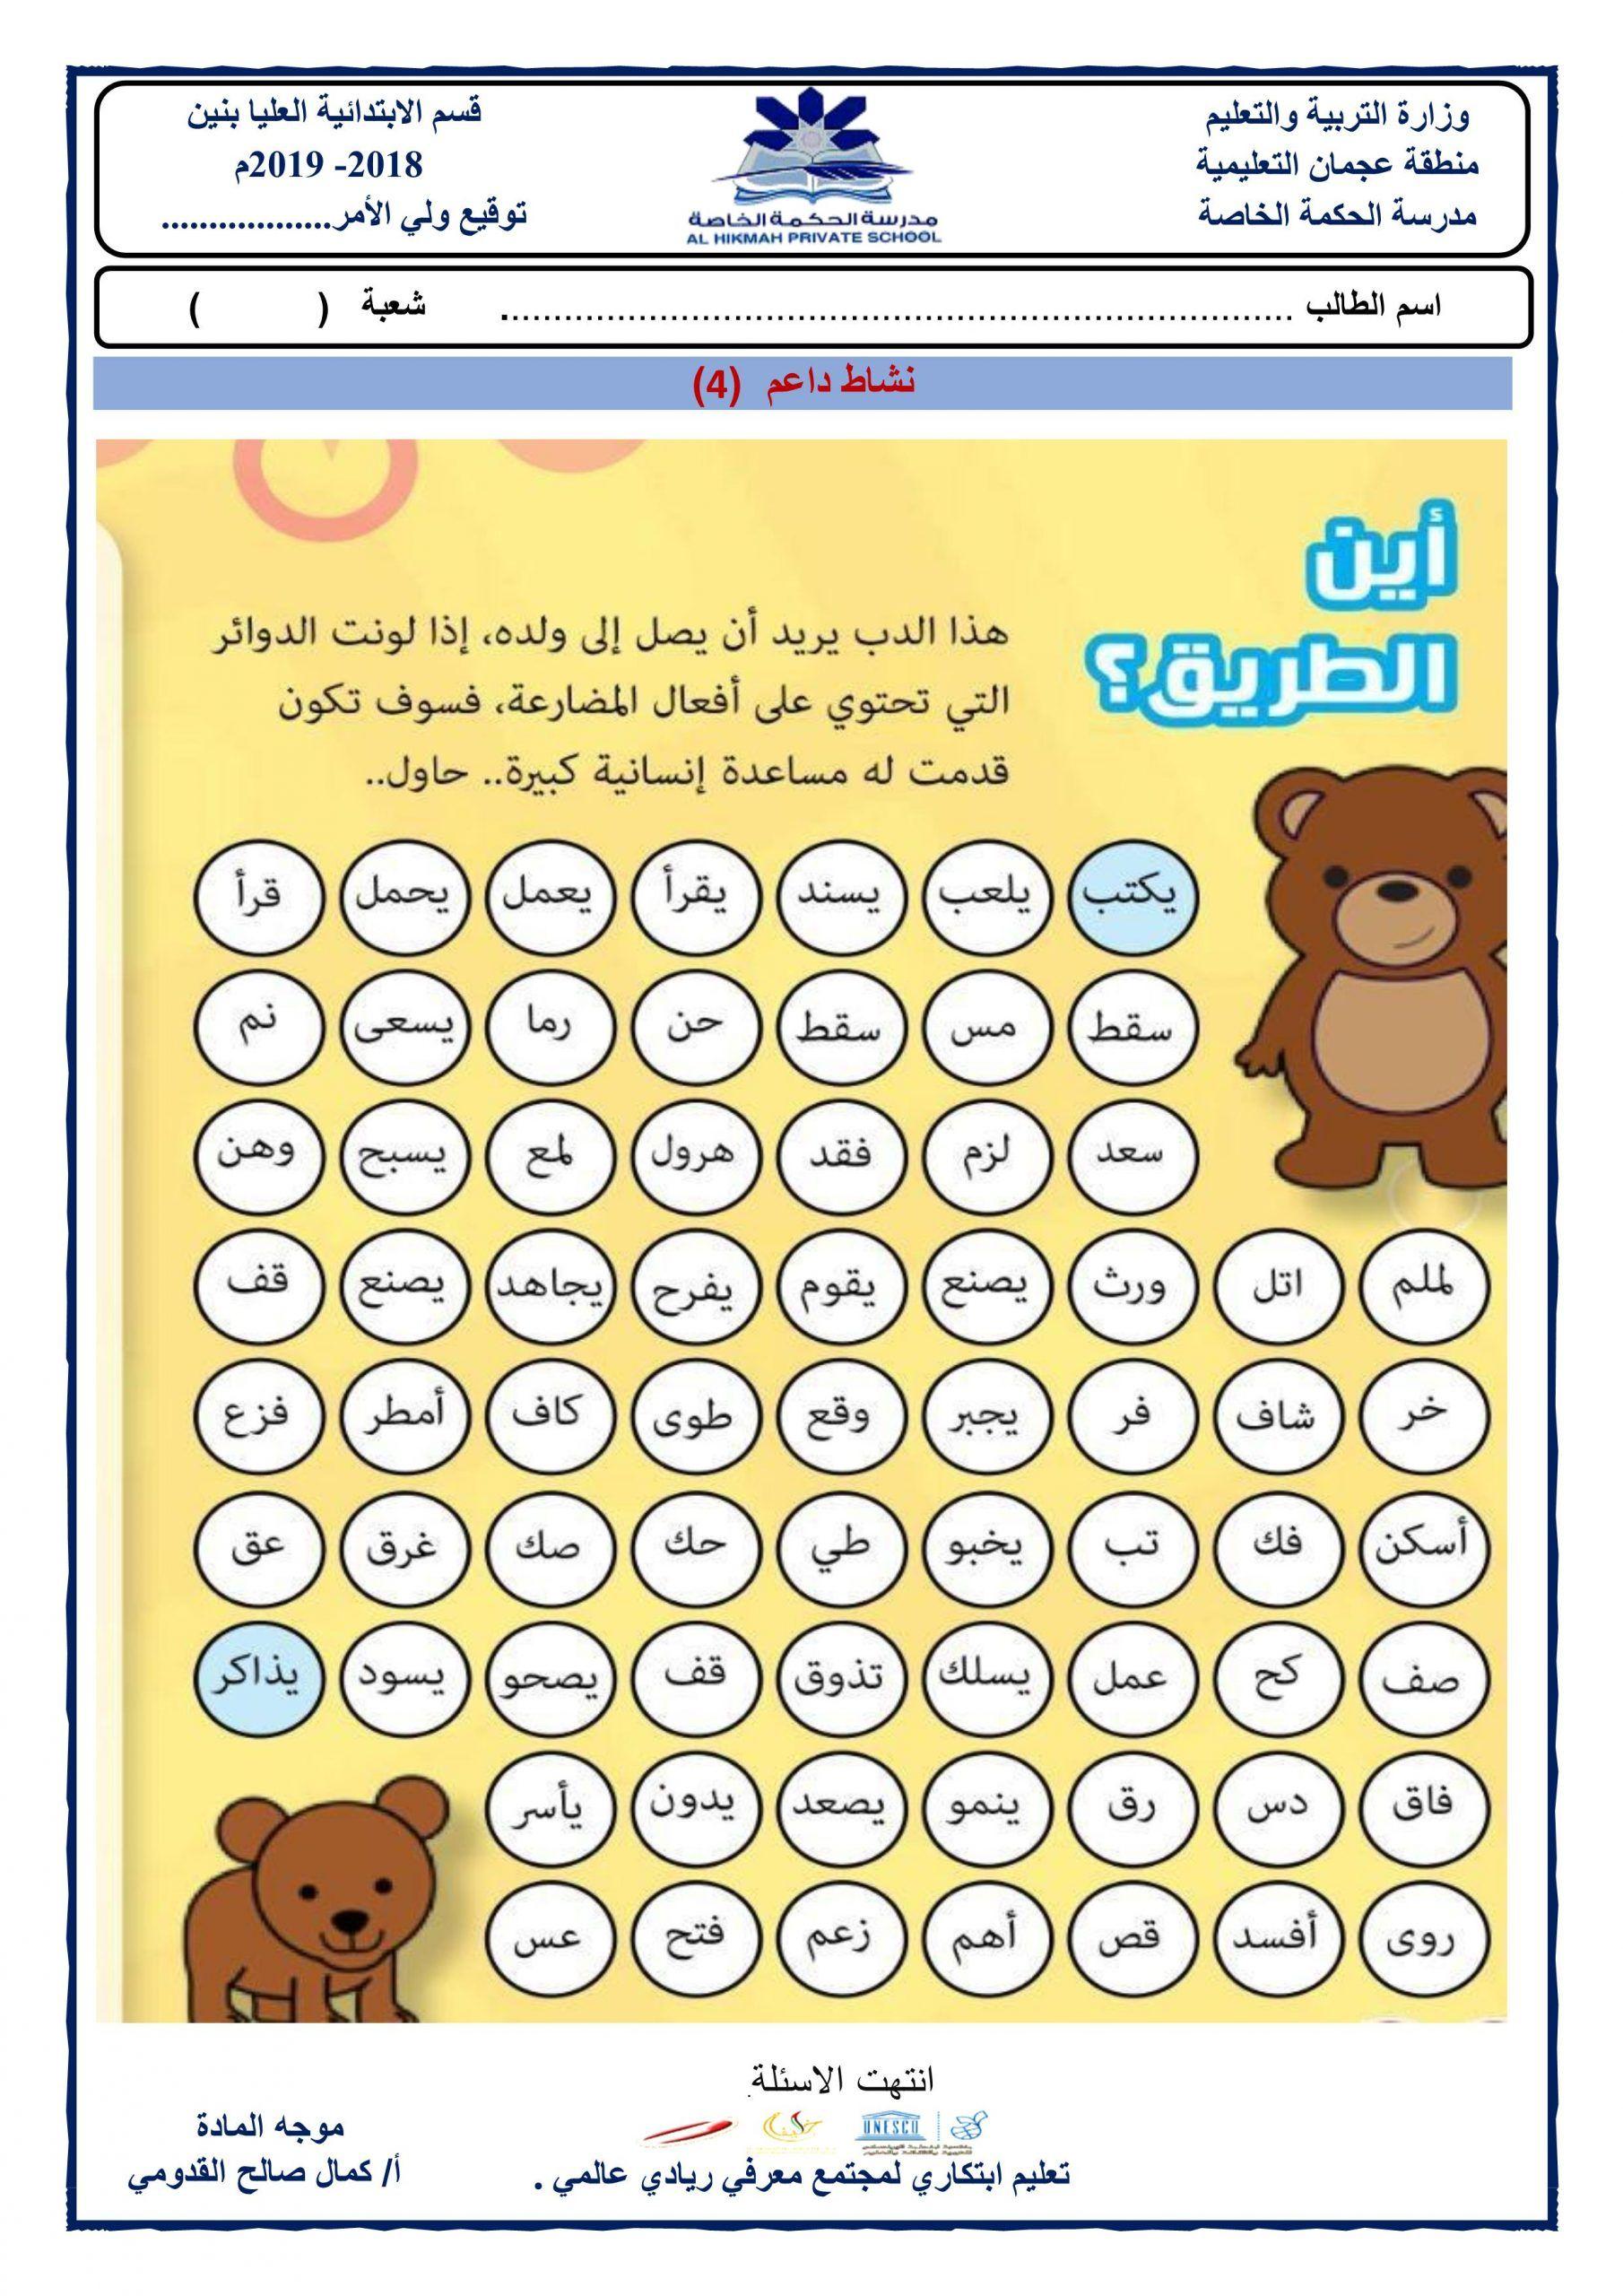 ورقة عمل نشاط داعم لدرس انواع الفعل للصف الرابع مادة اللغة العربية Word Search Puzzle Periodic Table Word Search